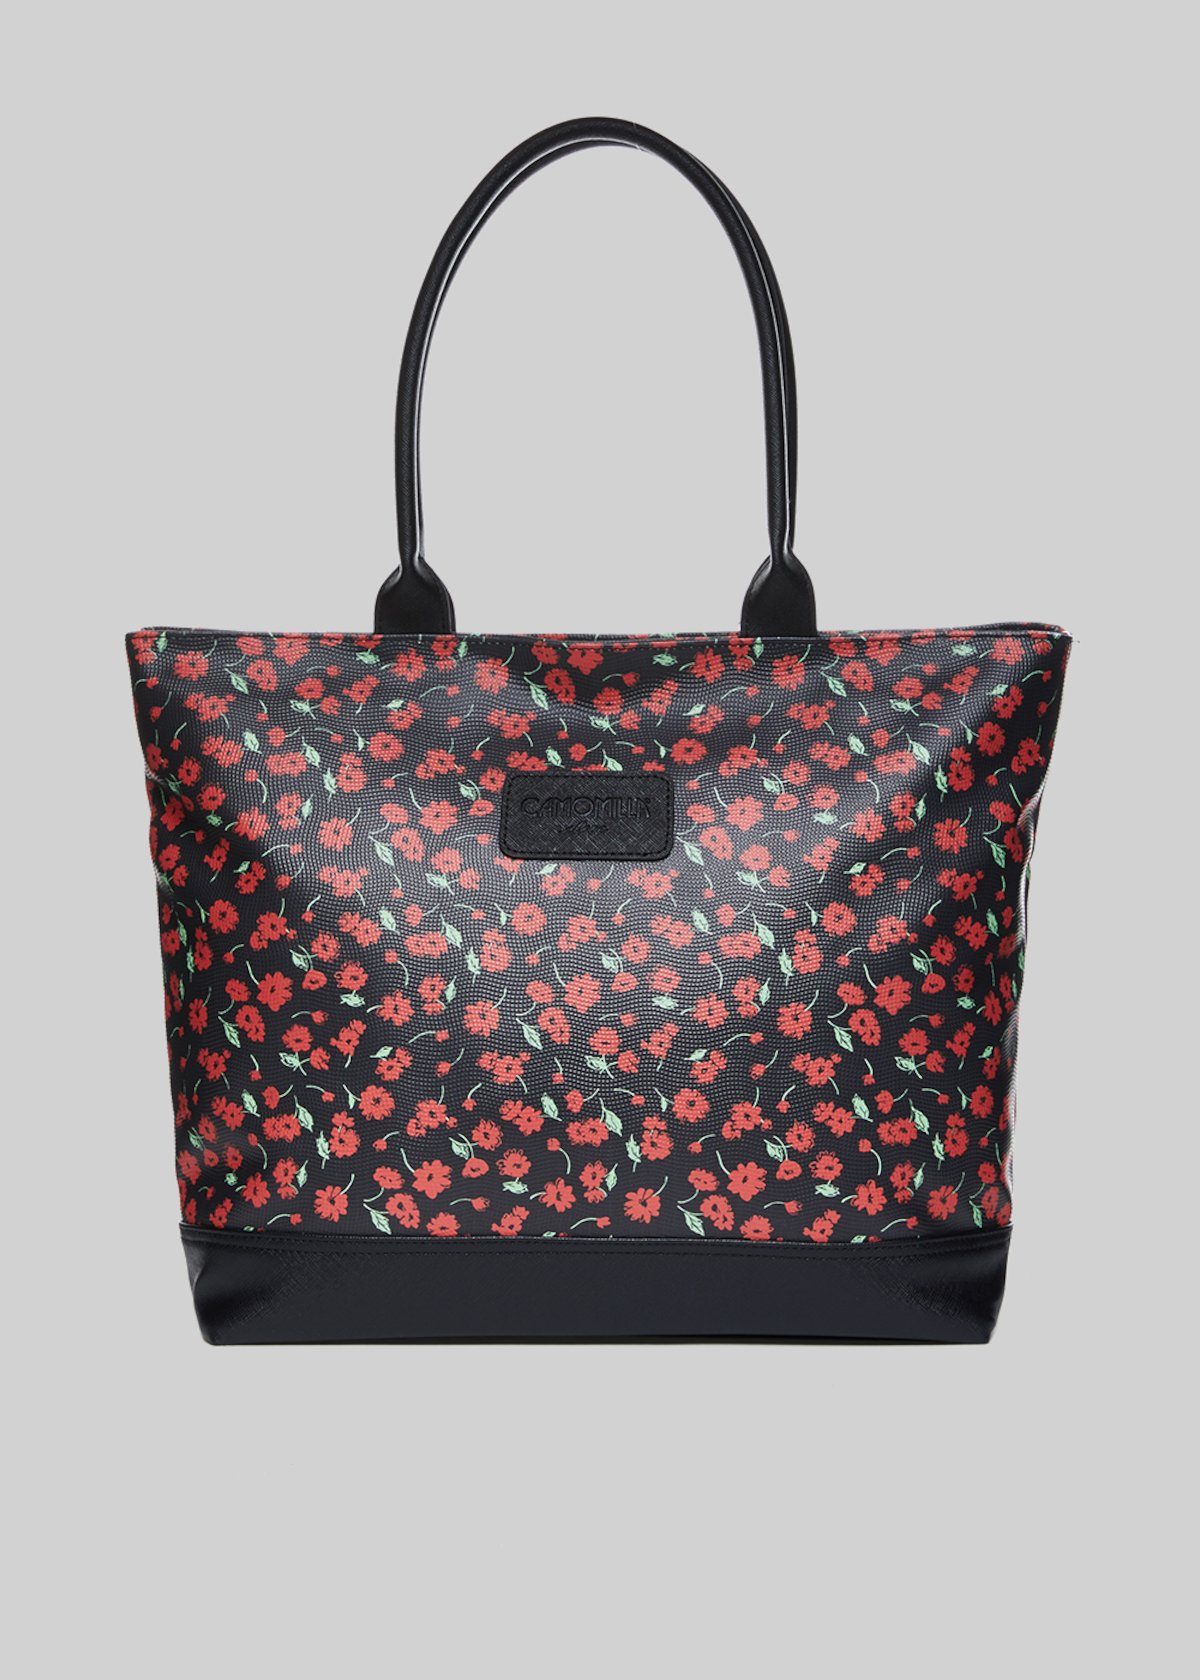 Trendbag2 shopping bag with floral pattern - Black Fantasia